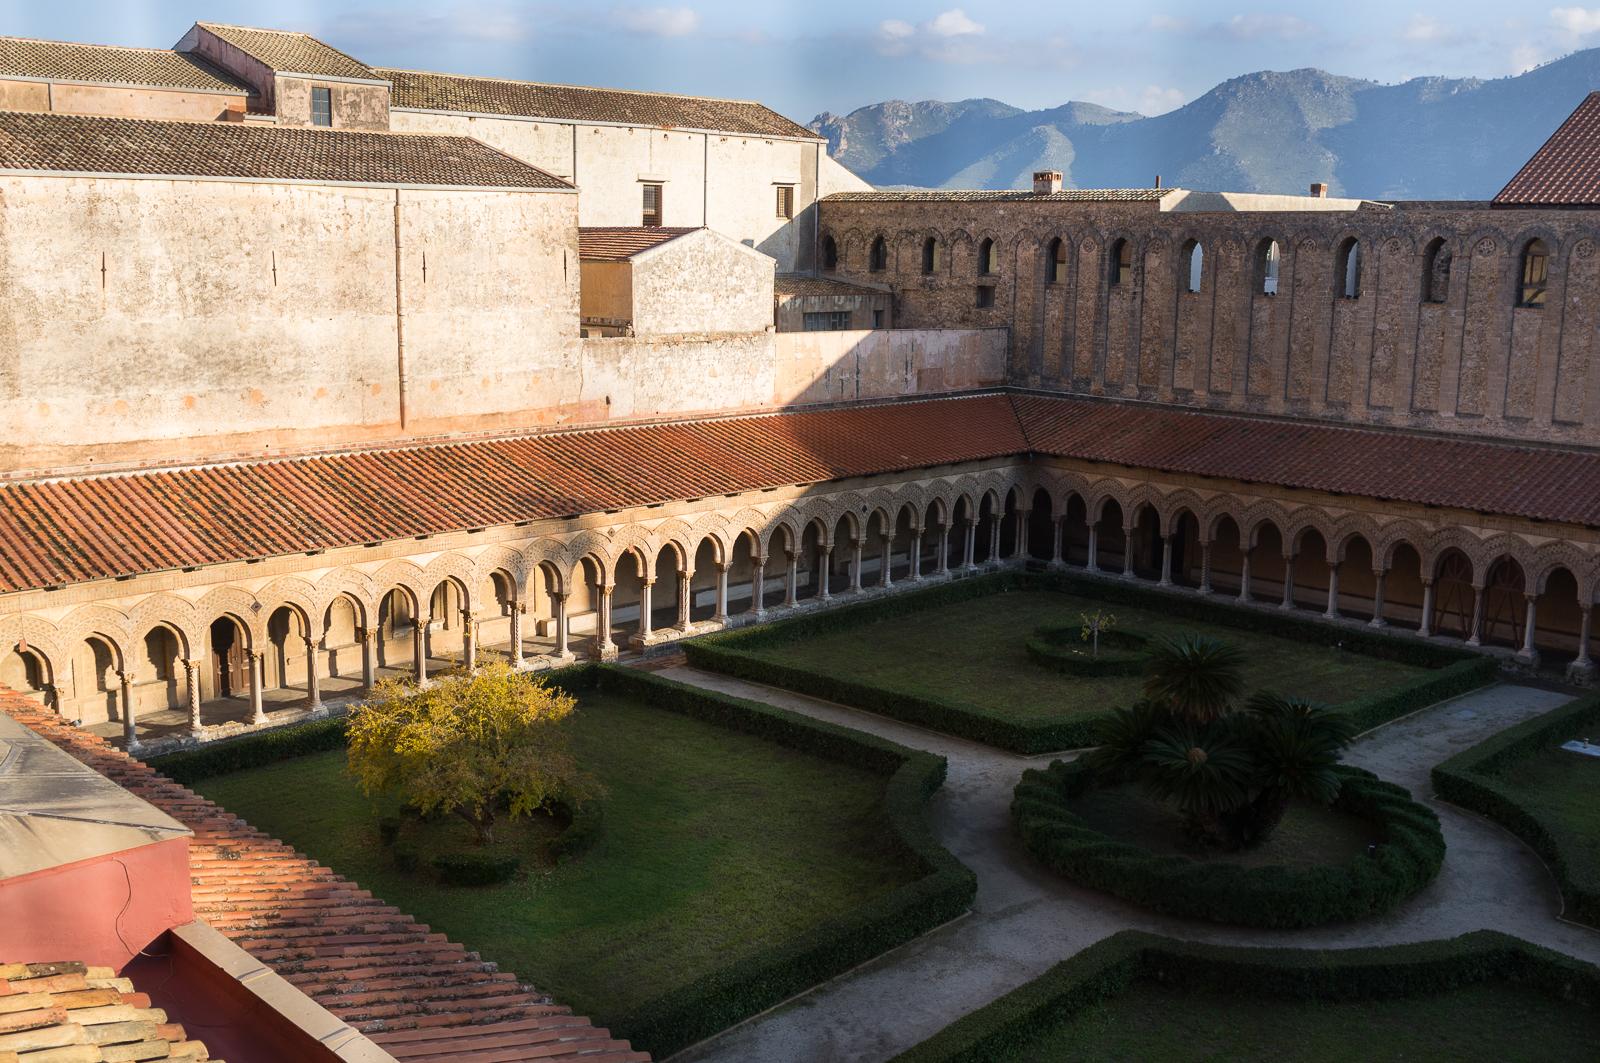 Monreale courtyard